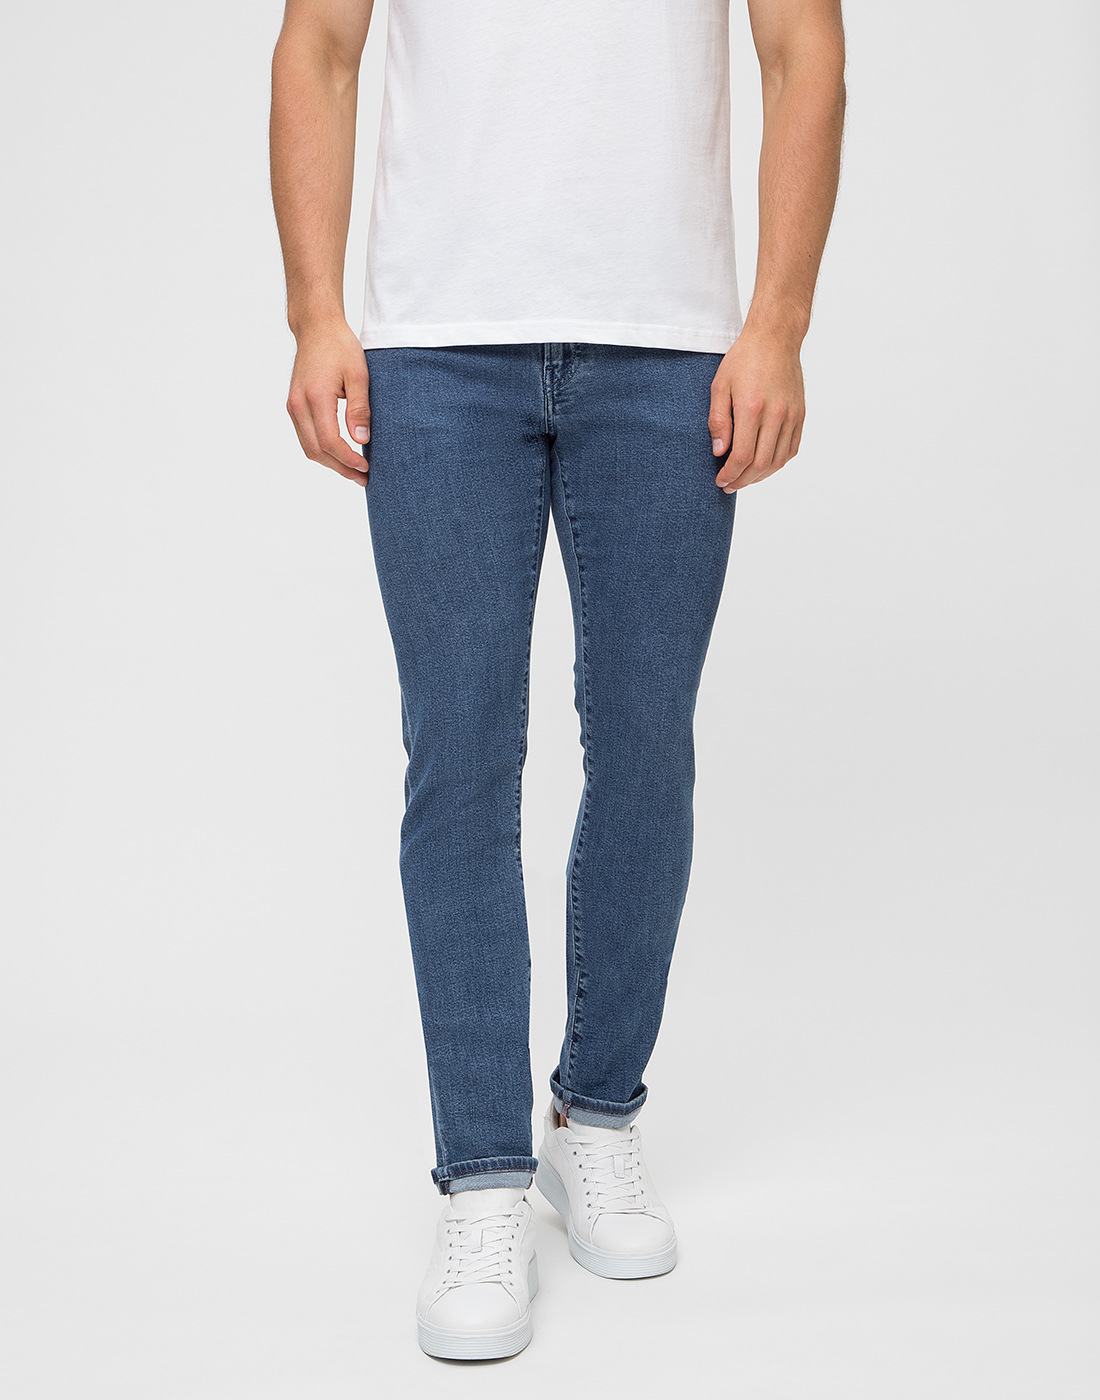 Мужские синие джинсы SOUL PT SOA11 MC35-2